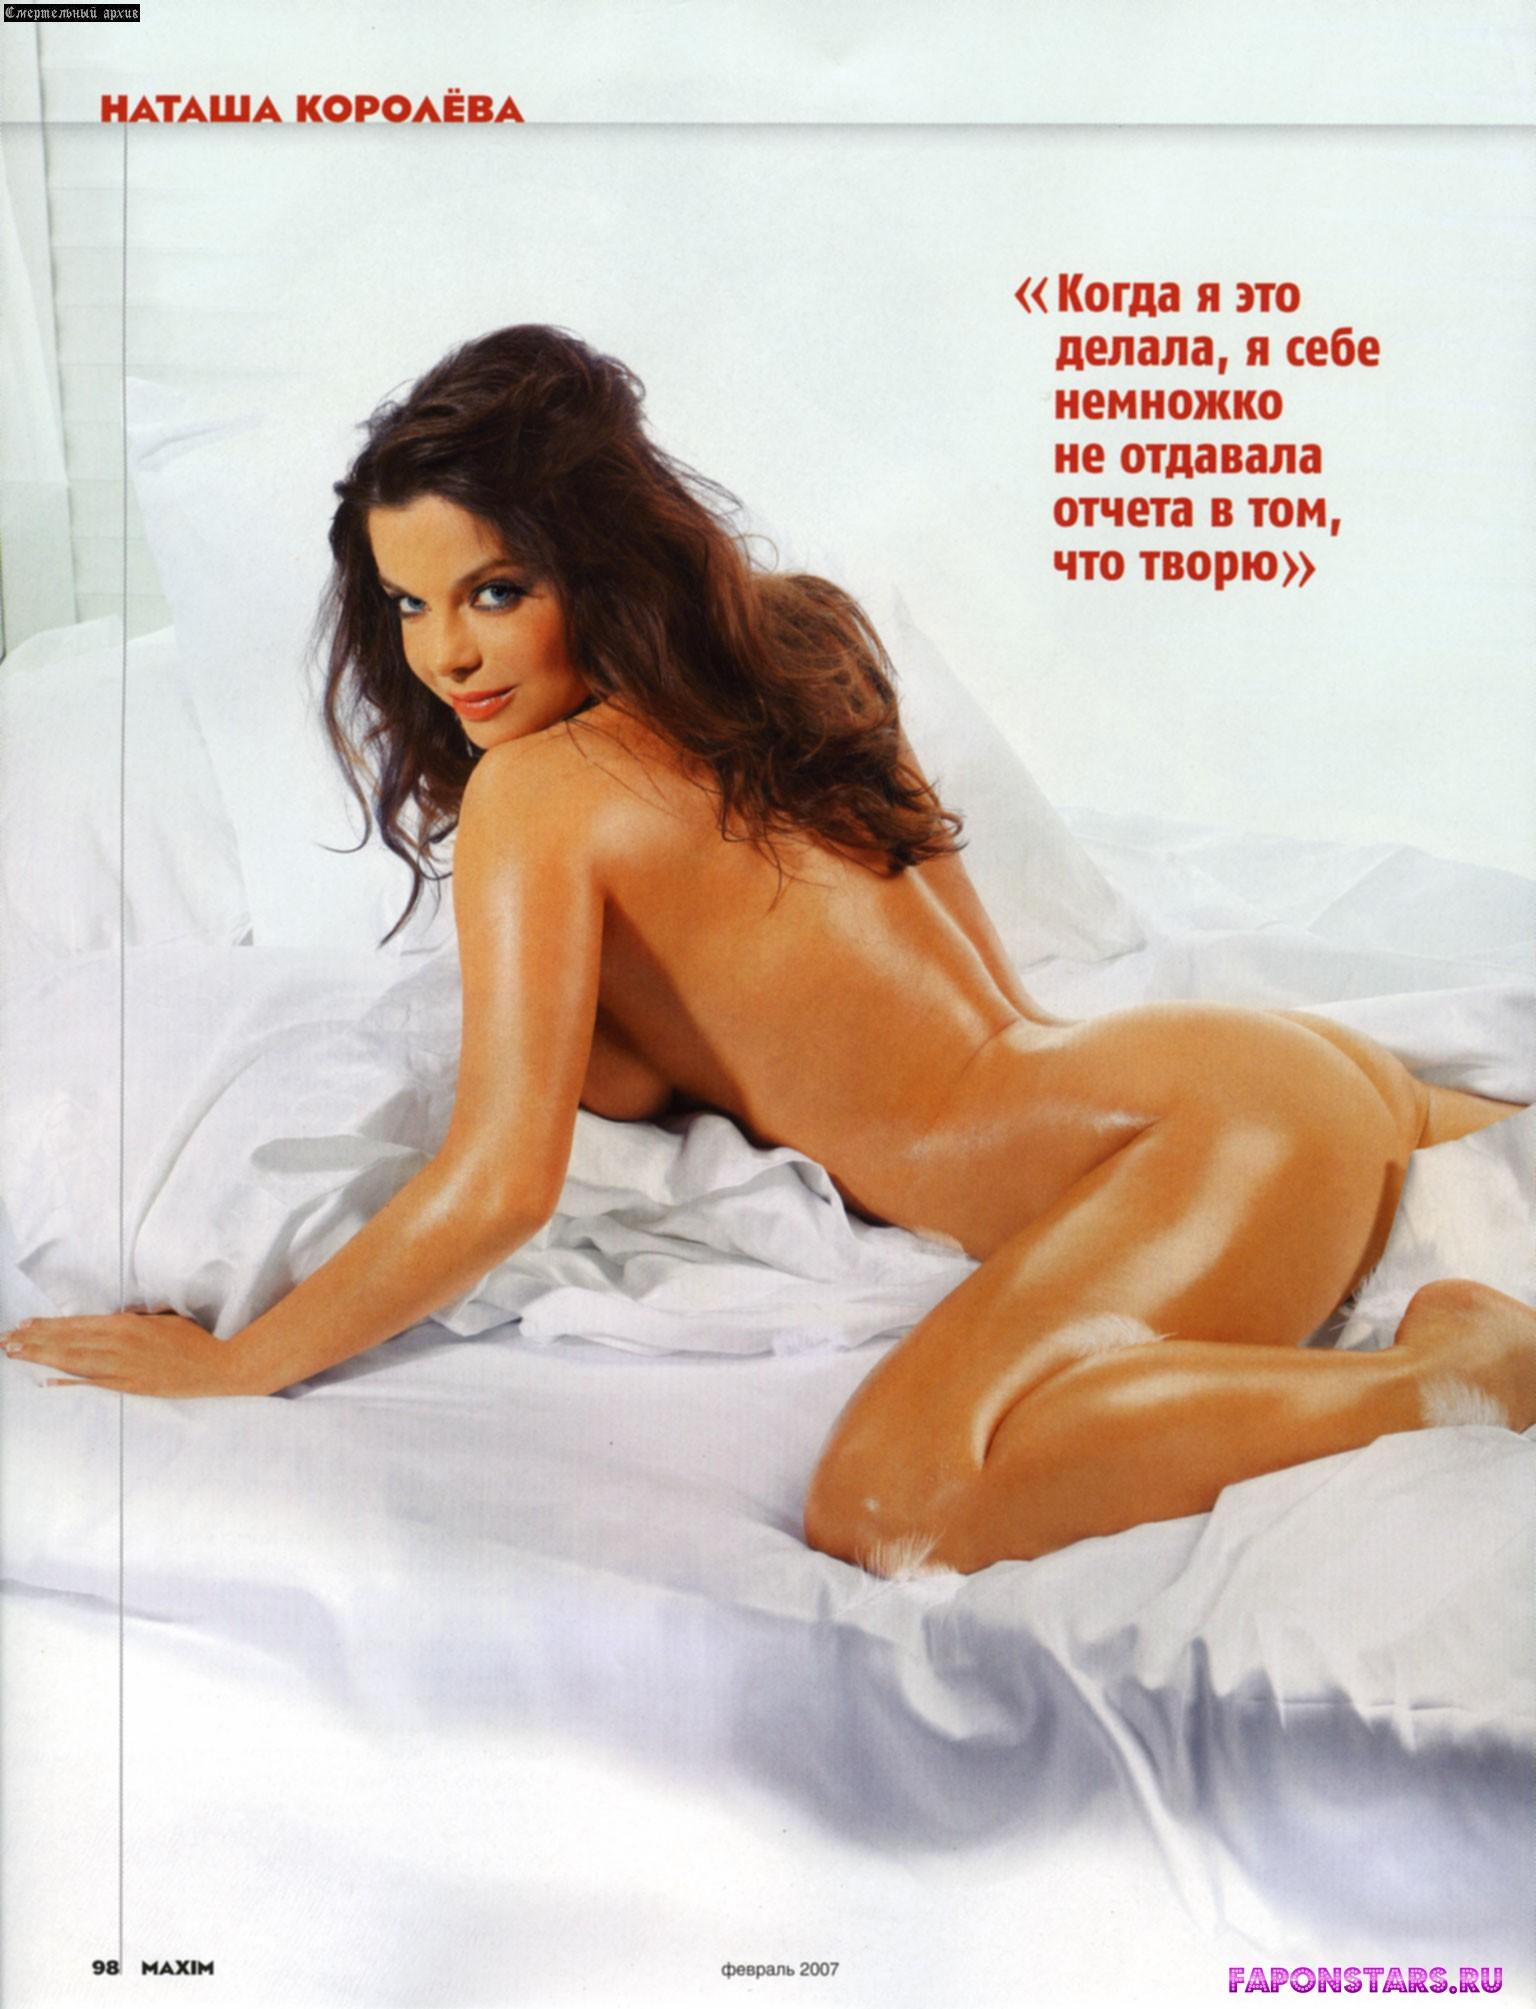 Порно журнал с королевой наташей